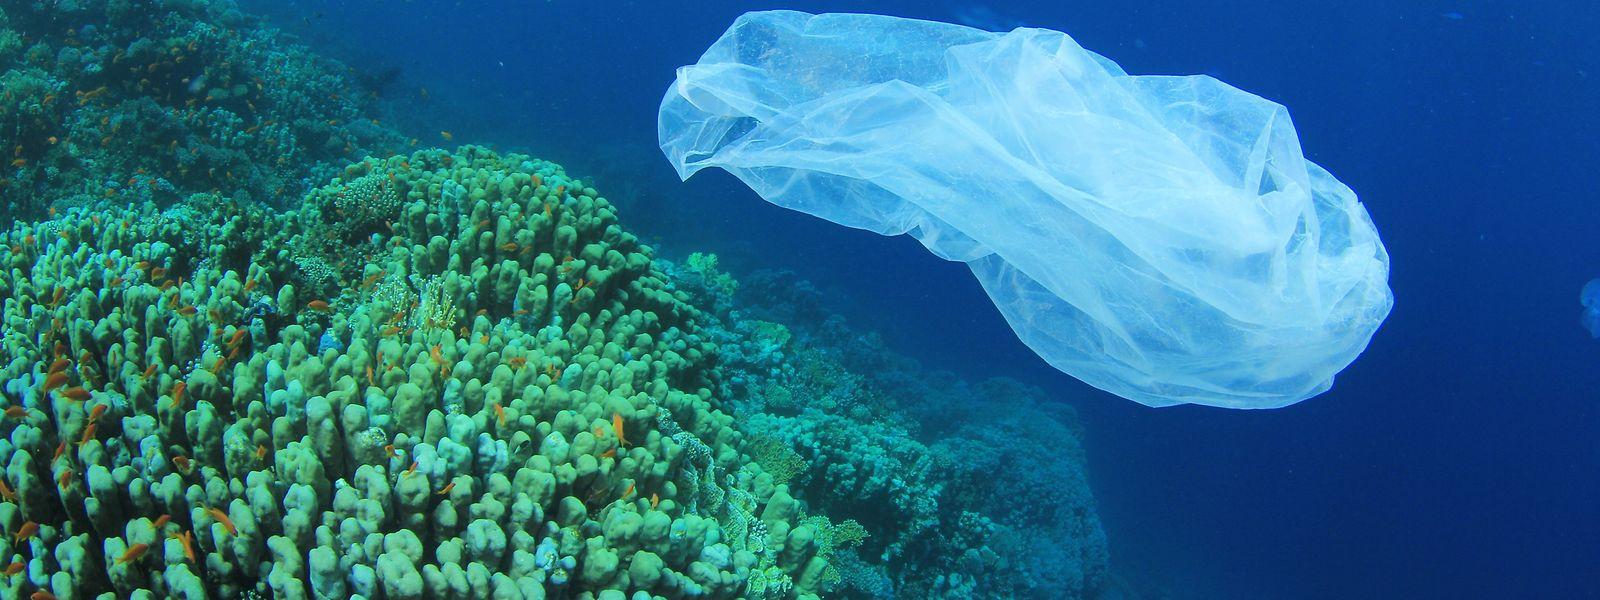 Tödliche Gefahr oder köstlicher Mittagssnack: Eine gewöhnliche Plastiktüte kann von hungrigen Meeresbewohnern auch mit einer herumschwimmenden Qualle verwechselt werden.